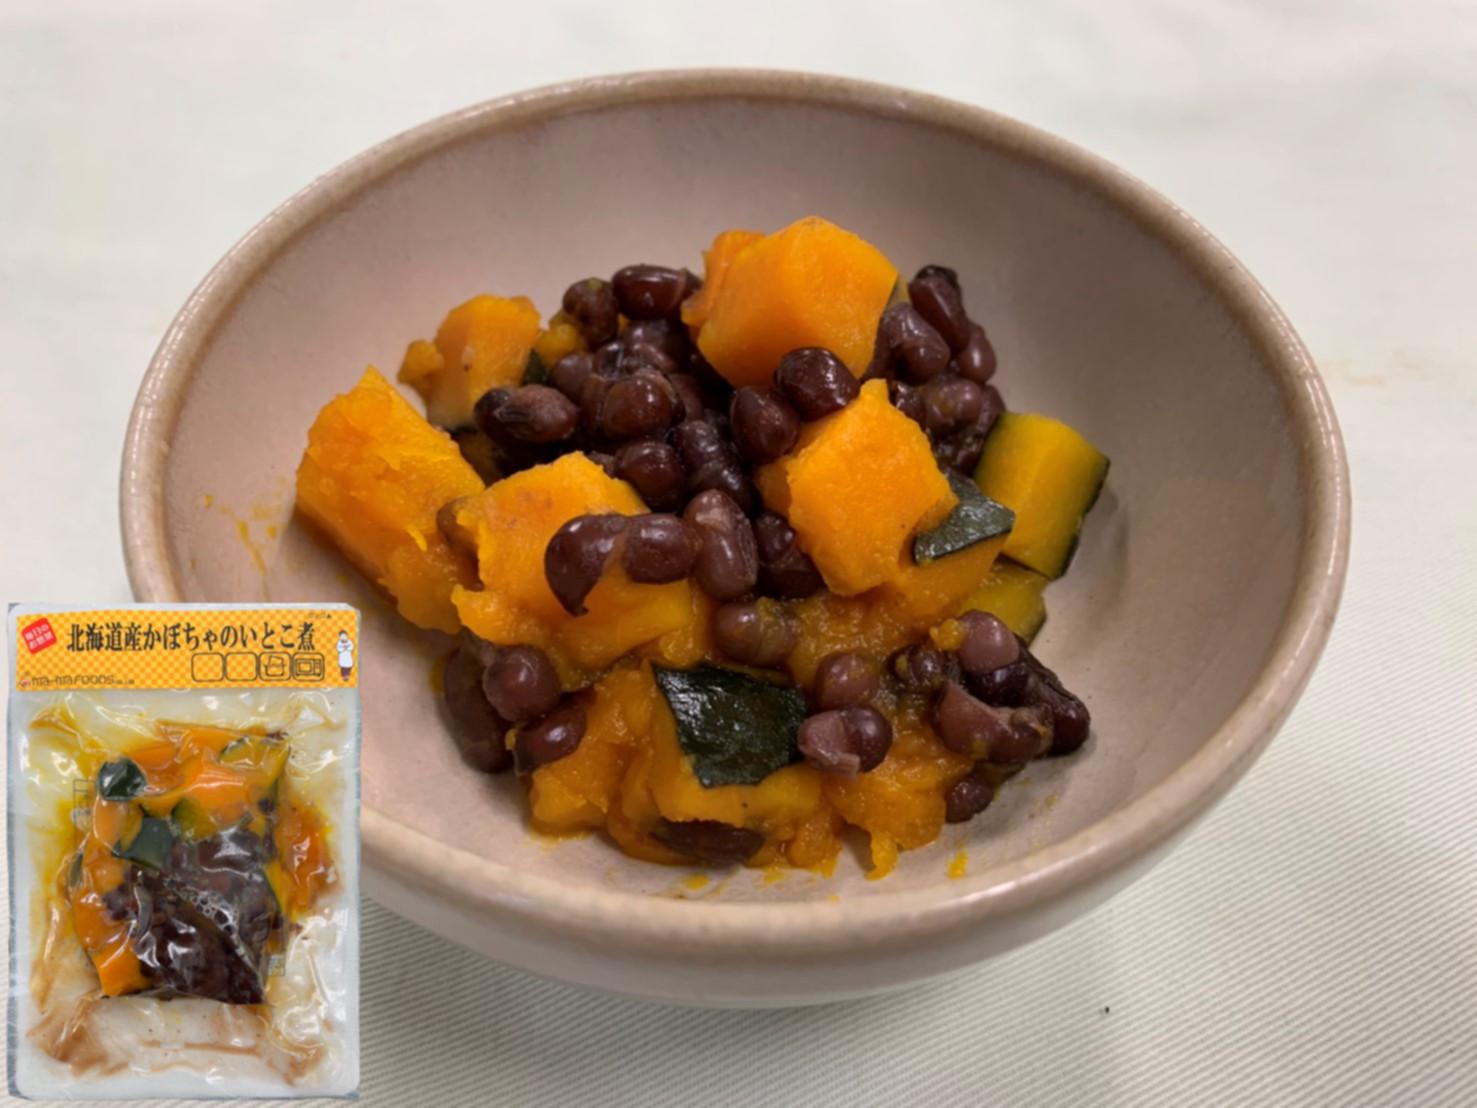 北海道産かぼちゃのいとこ煮